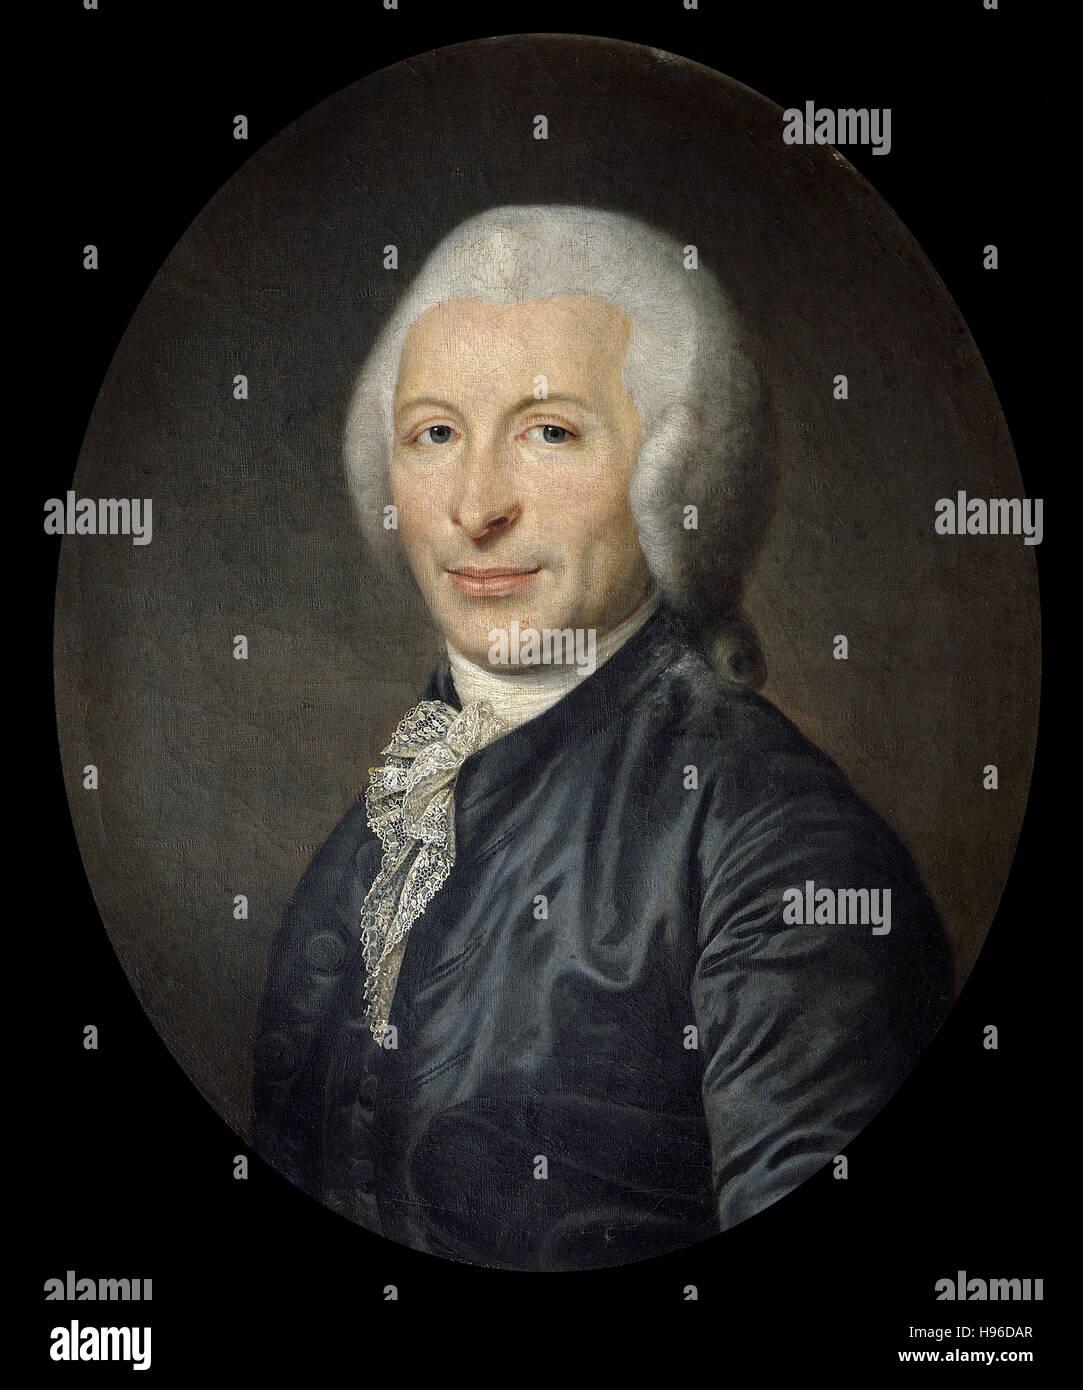 Anonimo, Ritratto del xviii secolo del medico ed uomo politico Joseph Ignace Guillotin - Immagini Stock